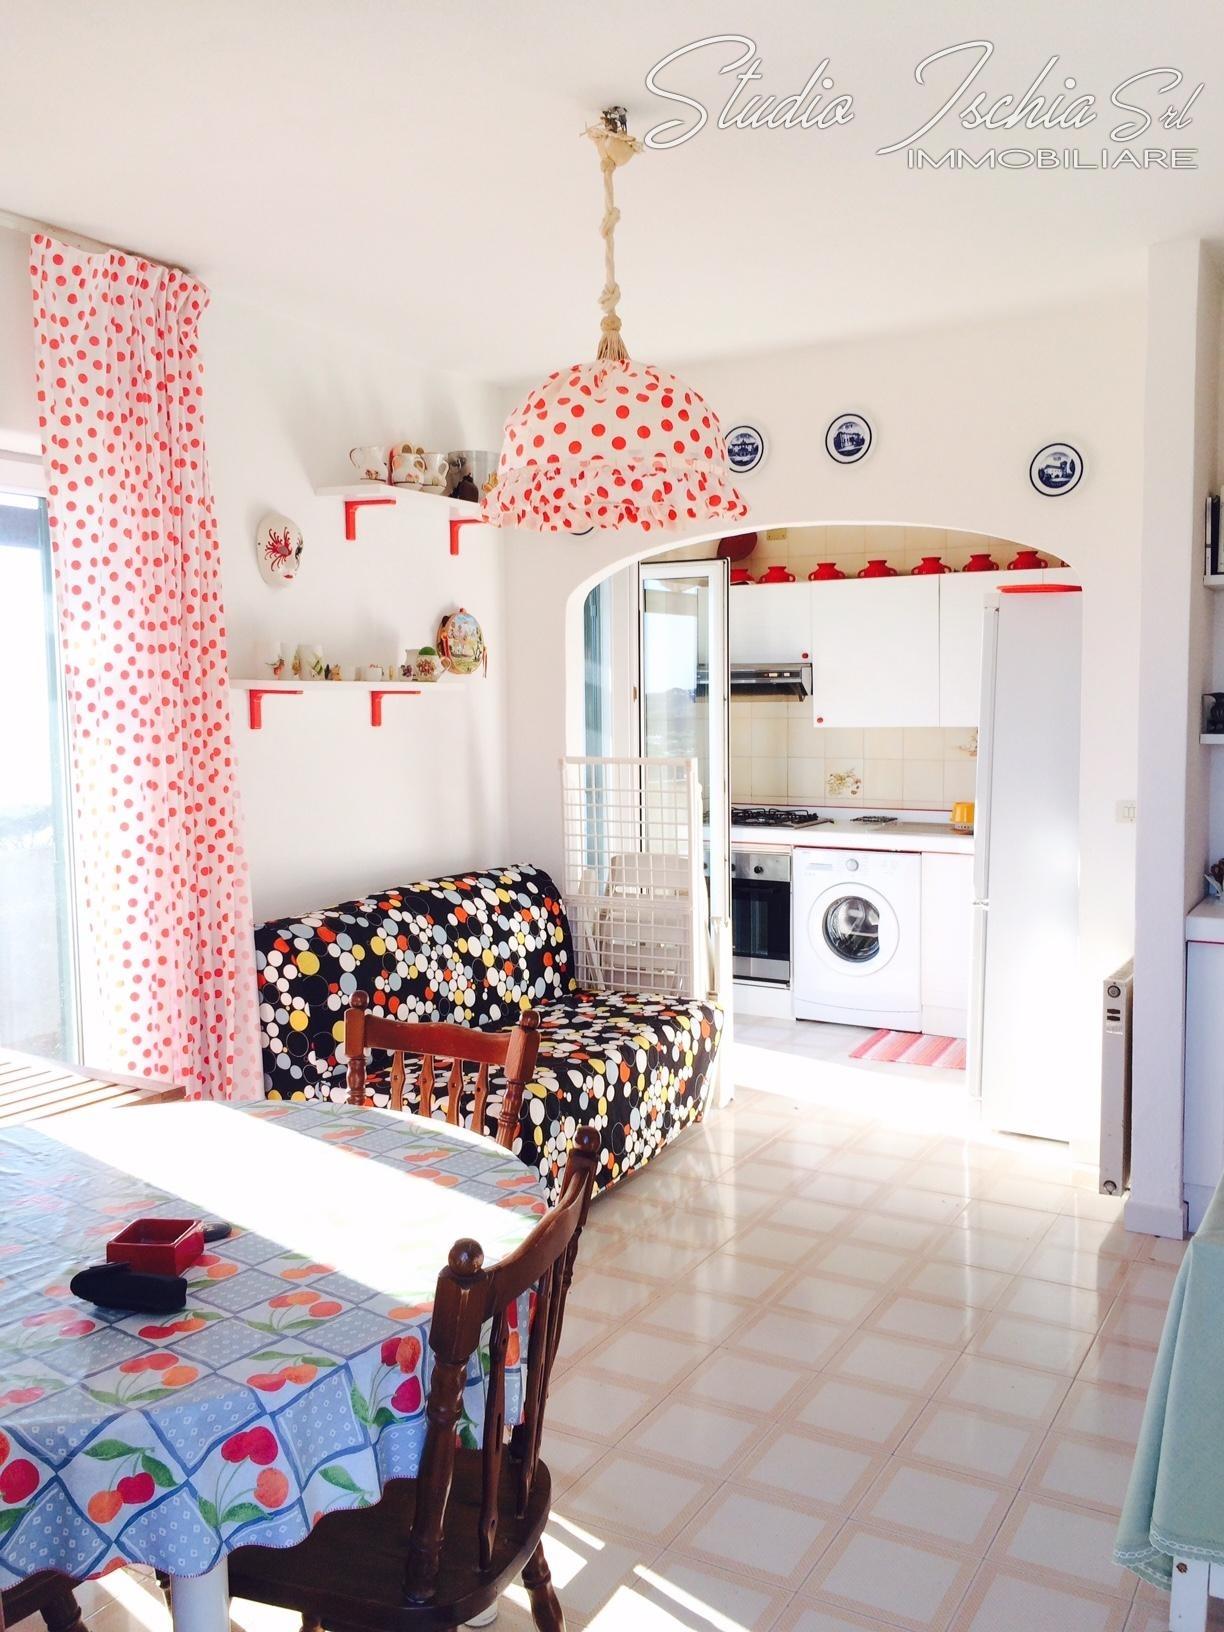 Appartamento in vendita a Forio, 4 locali, Trattative riservate | CambioCasa.it